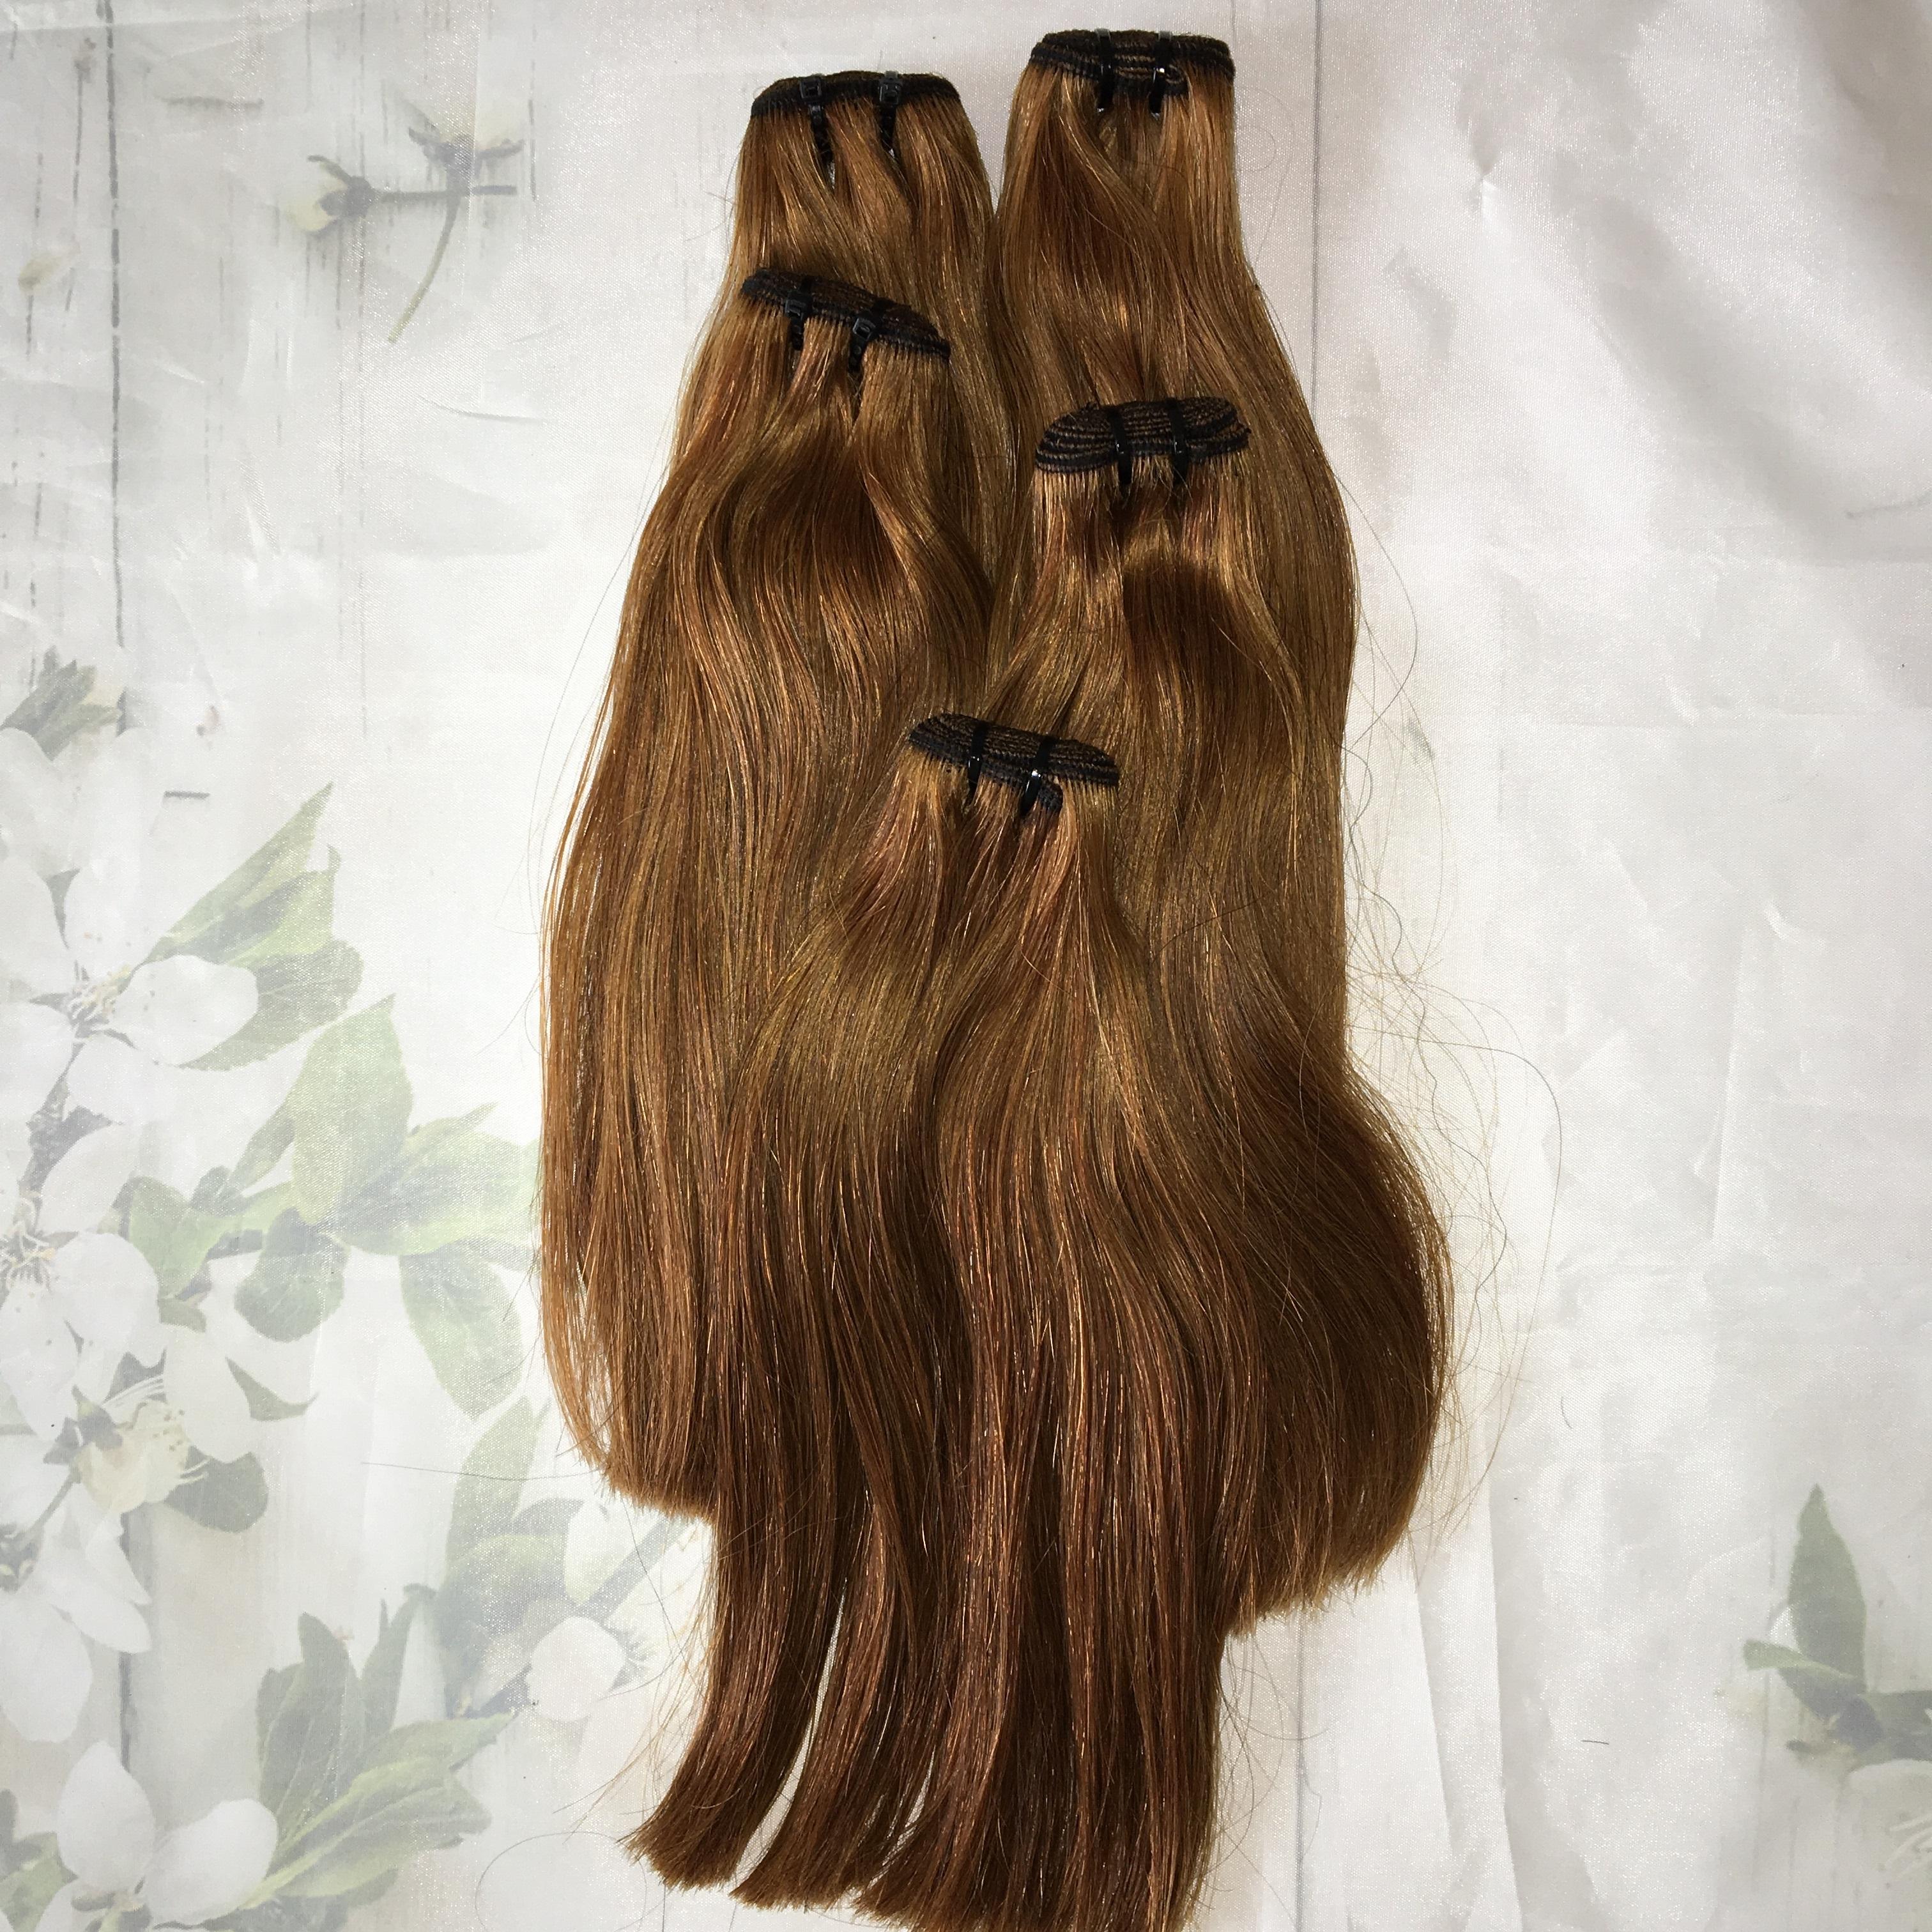 Russian Real Virgin Hair Colors Collection Human Hair Bundles Processed  Straight Color Brazilian Hair   Buy Haar,Gerade Haar,Brasilianische Haar ...